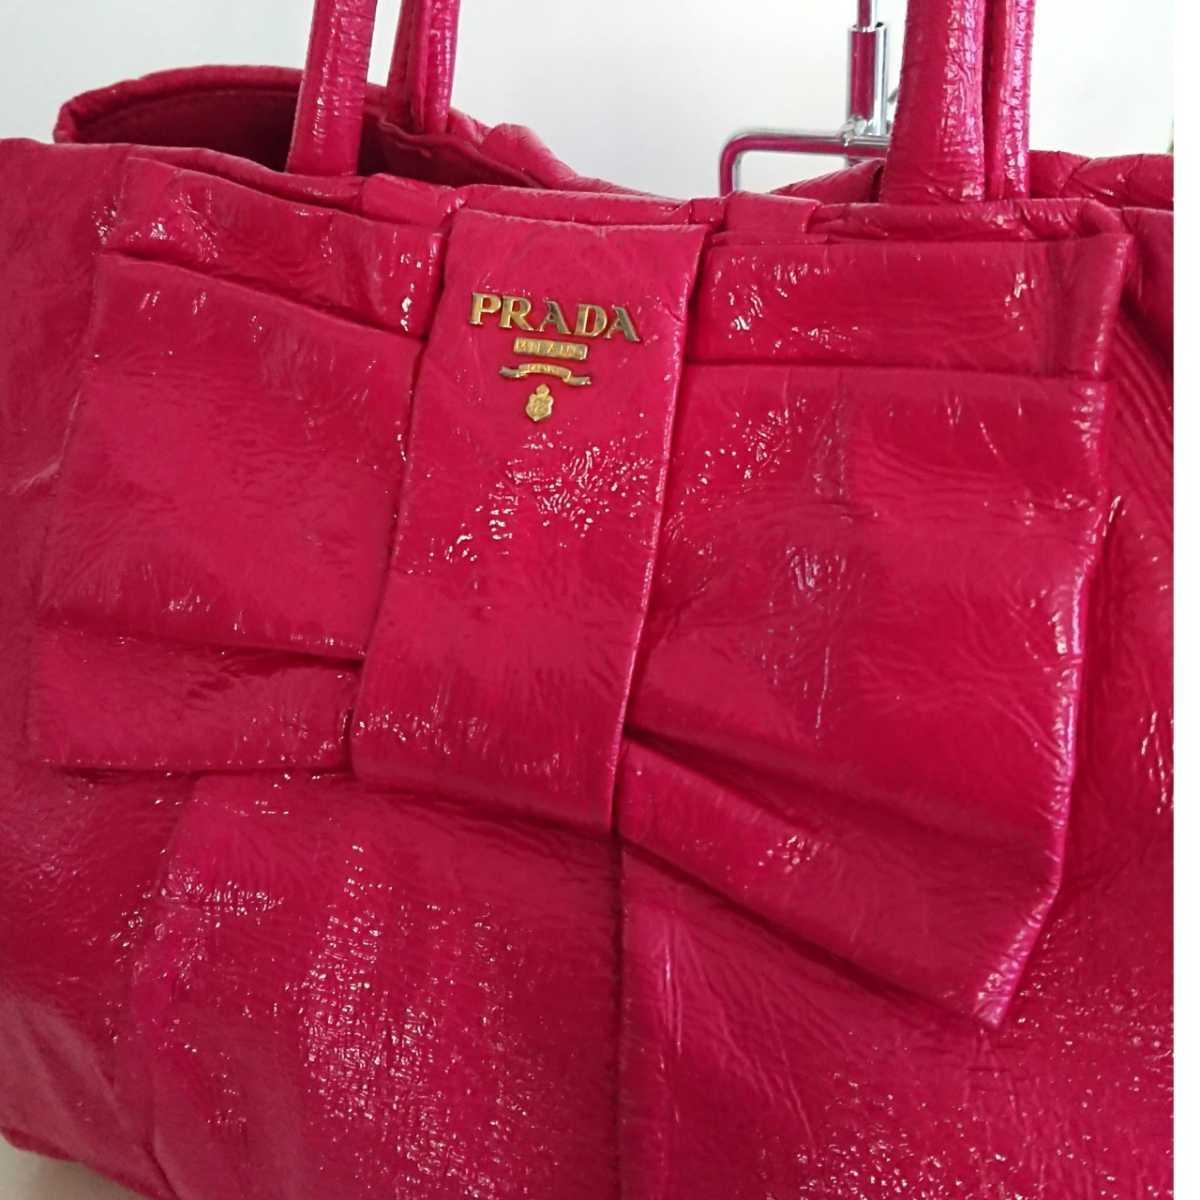 正規 プラダ エナメル レザー ハンドバッグ ミニ トートバッグ 鞄 パテント リボン ピンク ゴールド PRADA miumiu ミュウミュウ イタリア製